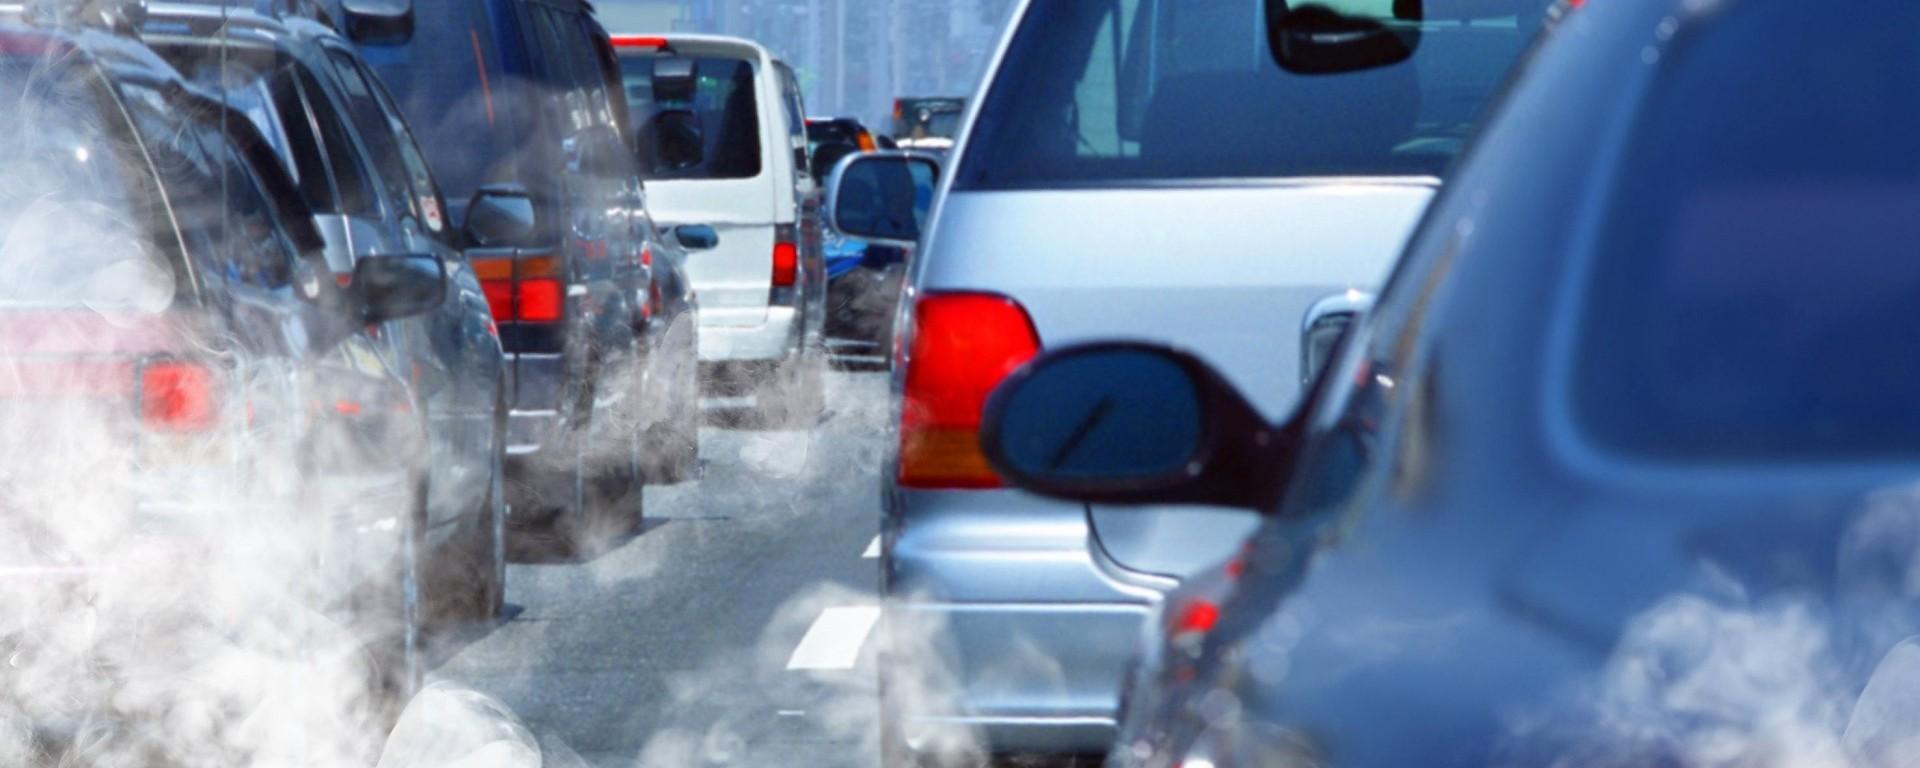 benzina diesel gpl inquinamento